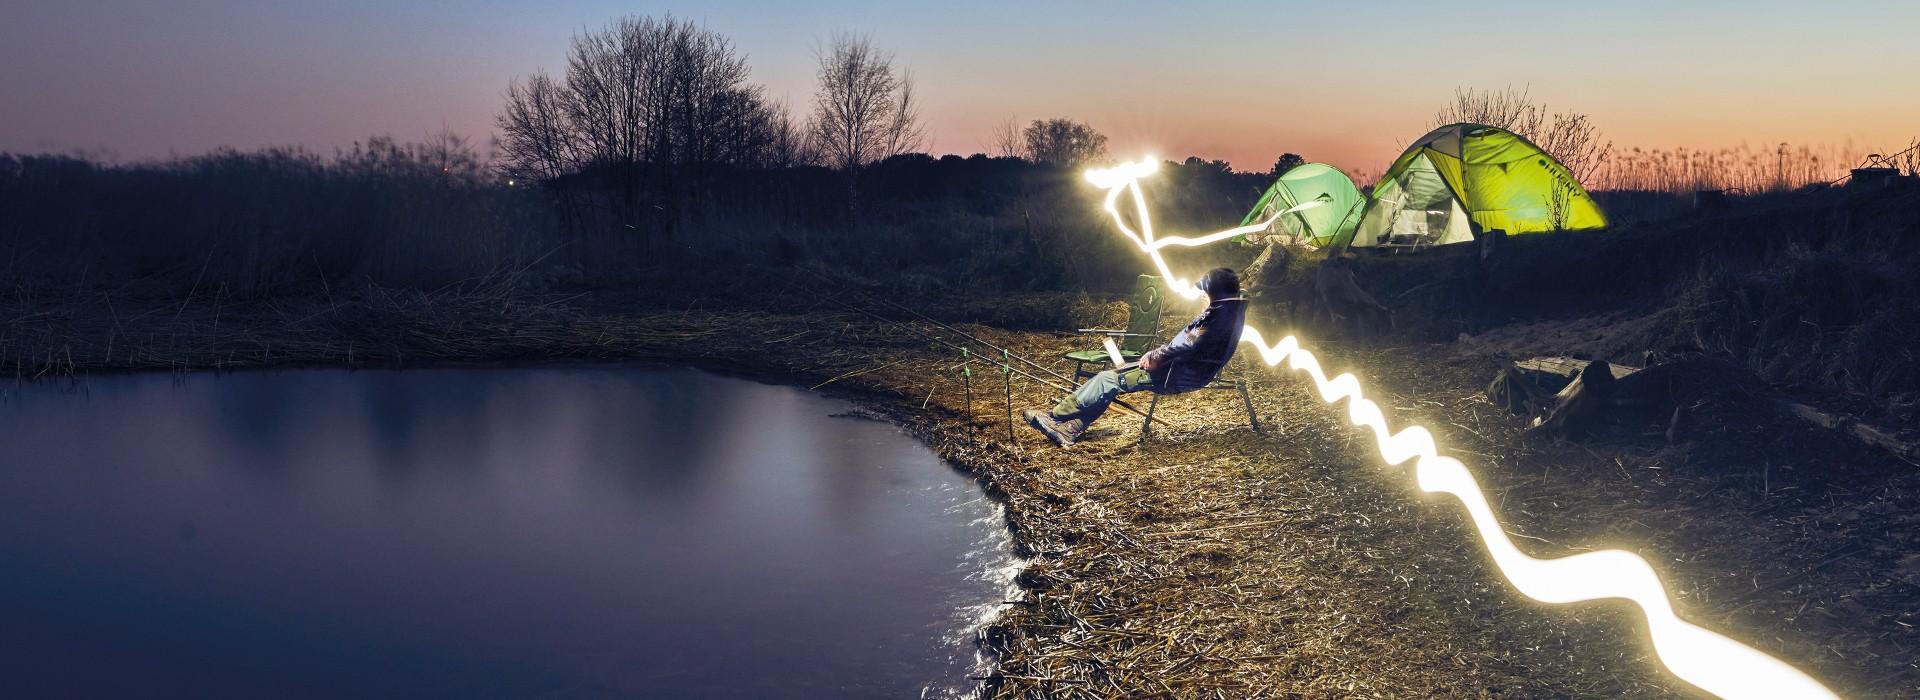 Deeper Power Lantern kempinglámpaFényt visz az éjszakába